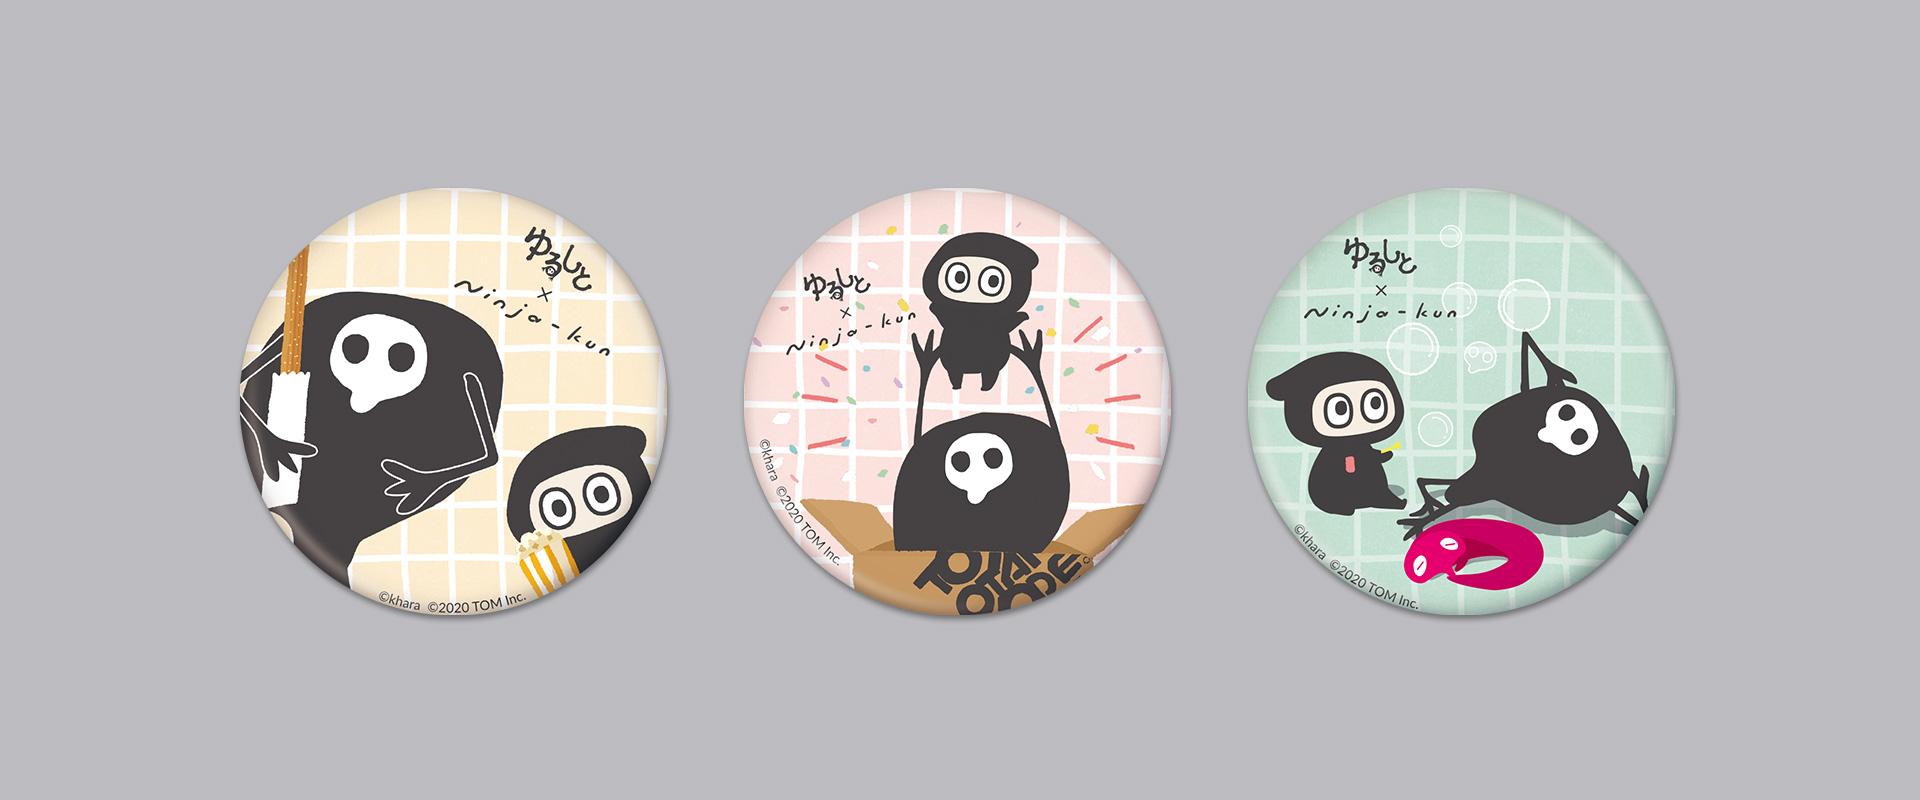 ゆるしと × Ninja-kun 缶バッジ(3種セット)